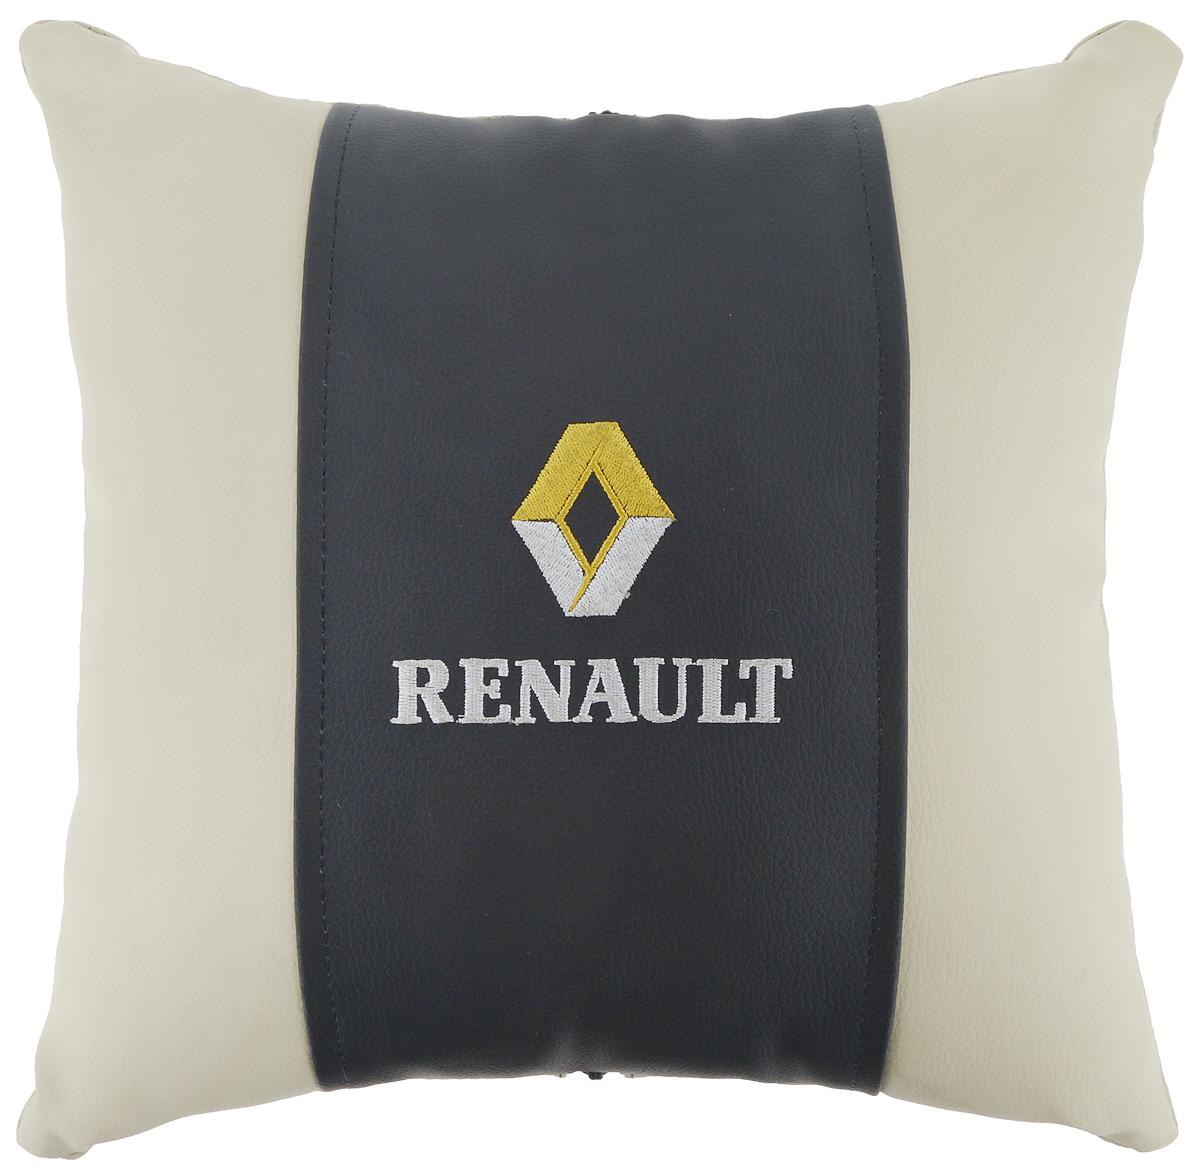 Подушка на сиденье Autoparts Renault, 30 х 30 смМ053Подушка на сиденье Autoparts Renault создана для тех, кто весь свой день вынужден проводить за рулем. Чехол выполнен из высококачественной дышащей экокожи. Наполнителем служит холлофайбер. На задней части подушки имеется змейка. Особенности подушки: - Хорошо проветривается. - Предупреждает потение. - Поддерживает комфортную температуру. - Обминается по форме тела. - Улучшает кровообращение. - Исключает затечные явления. - Предупреждает развитие заболеваний, связанных с сидячим образом жизни. Подушка также будет полезна и дома - при работе за компьютером, школьникам - при выполнении домашних работ, да и в любимом кресле перед телевизором.